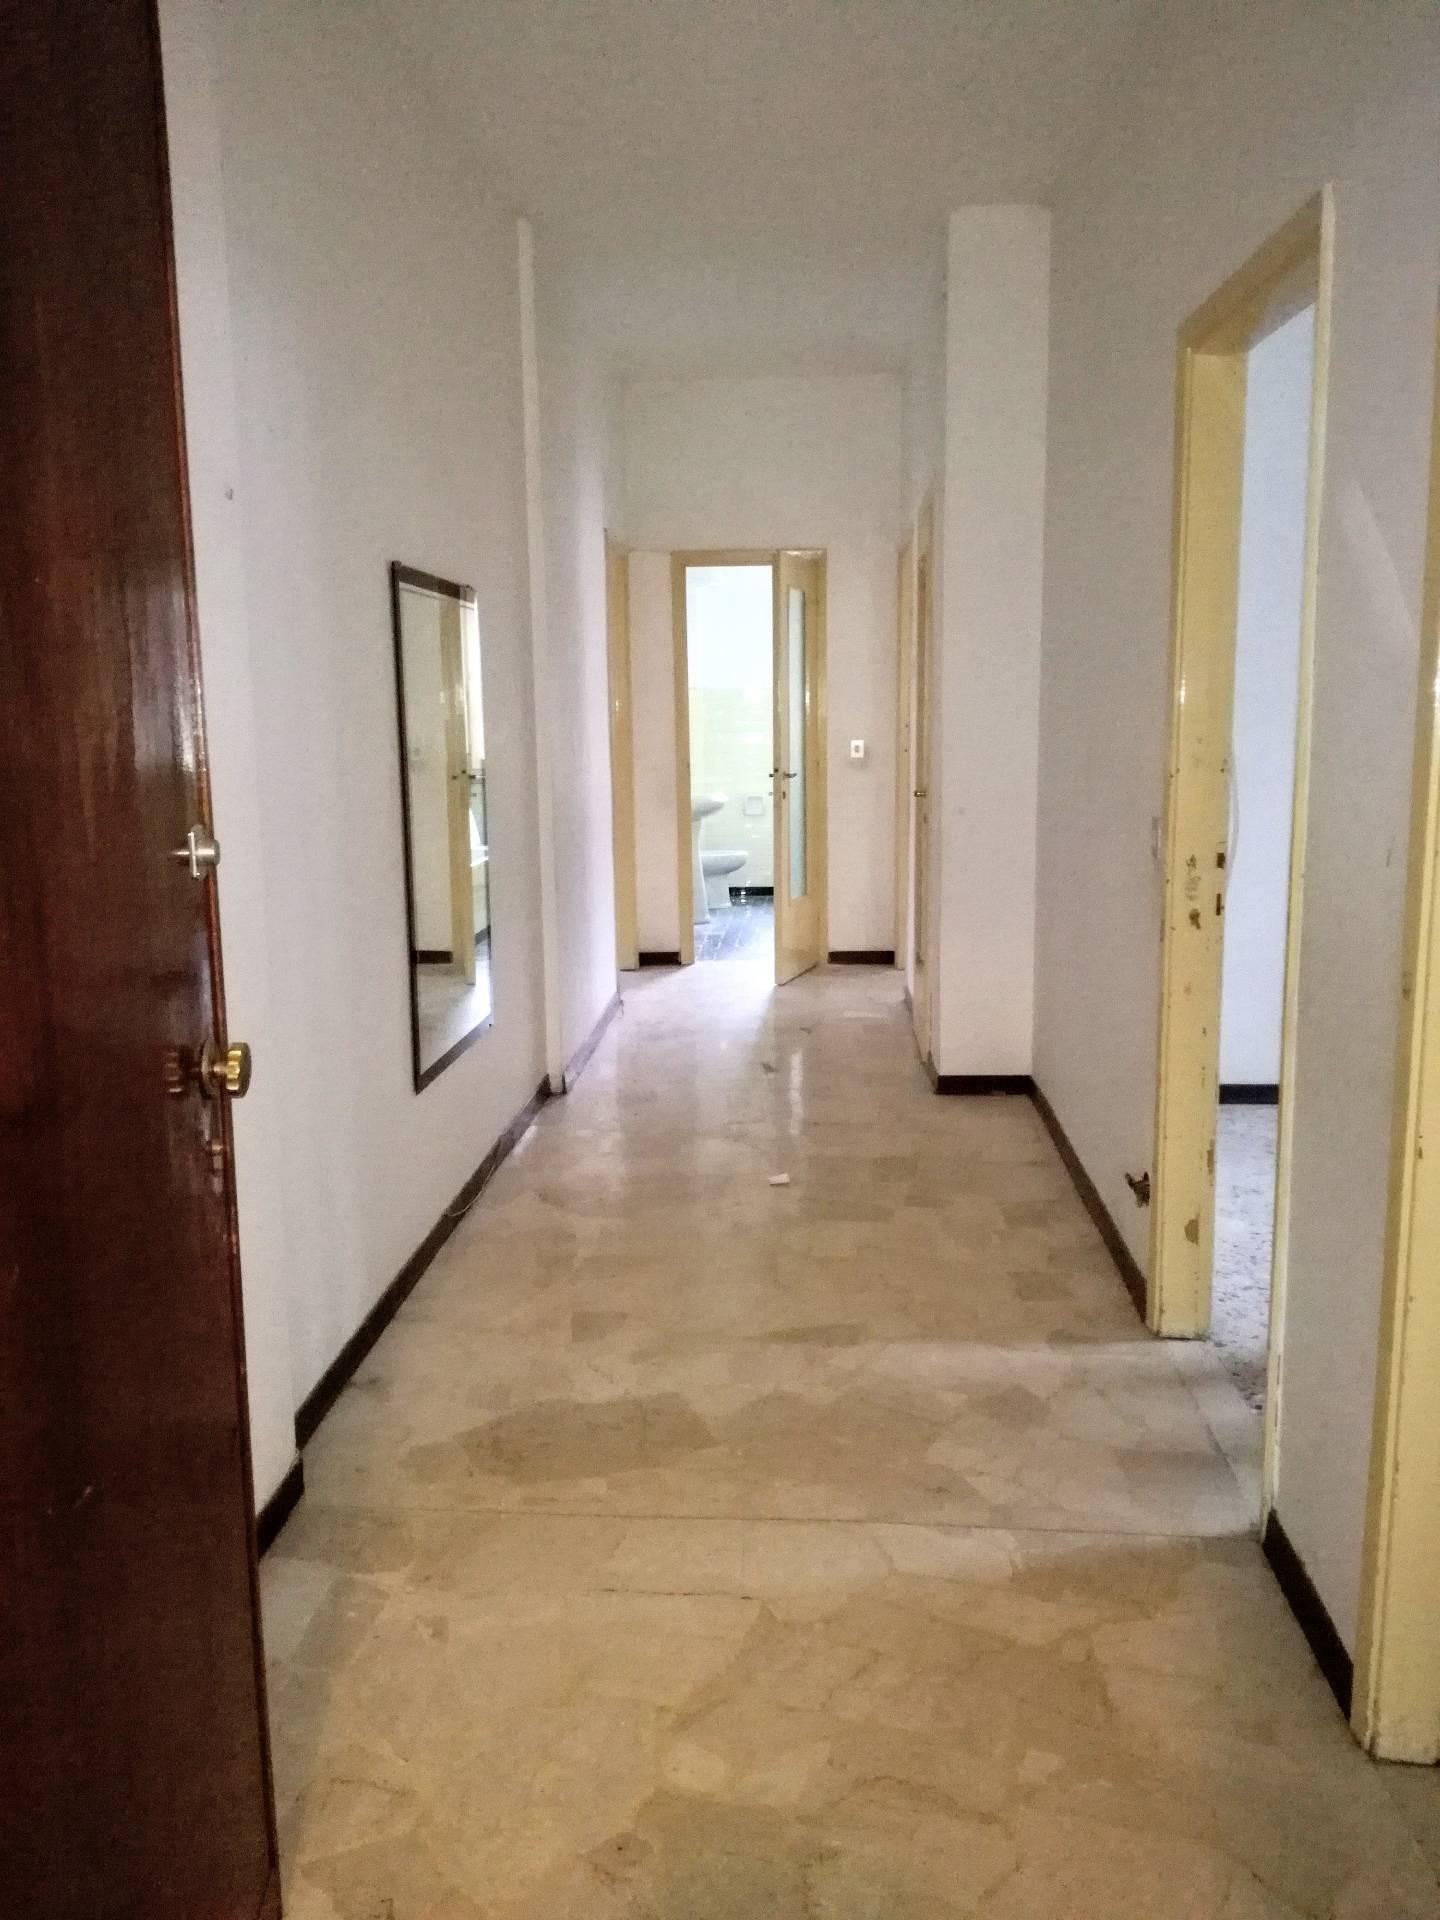 Appartamento in vendita a Casale Monferrato, 4 locali, prezzo € 63.000 | CambioCasa.it